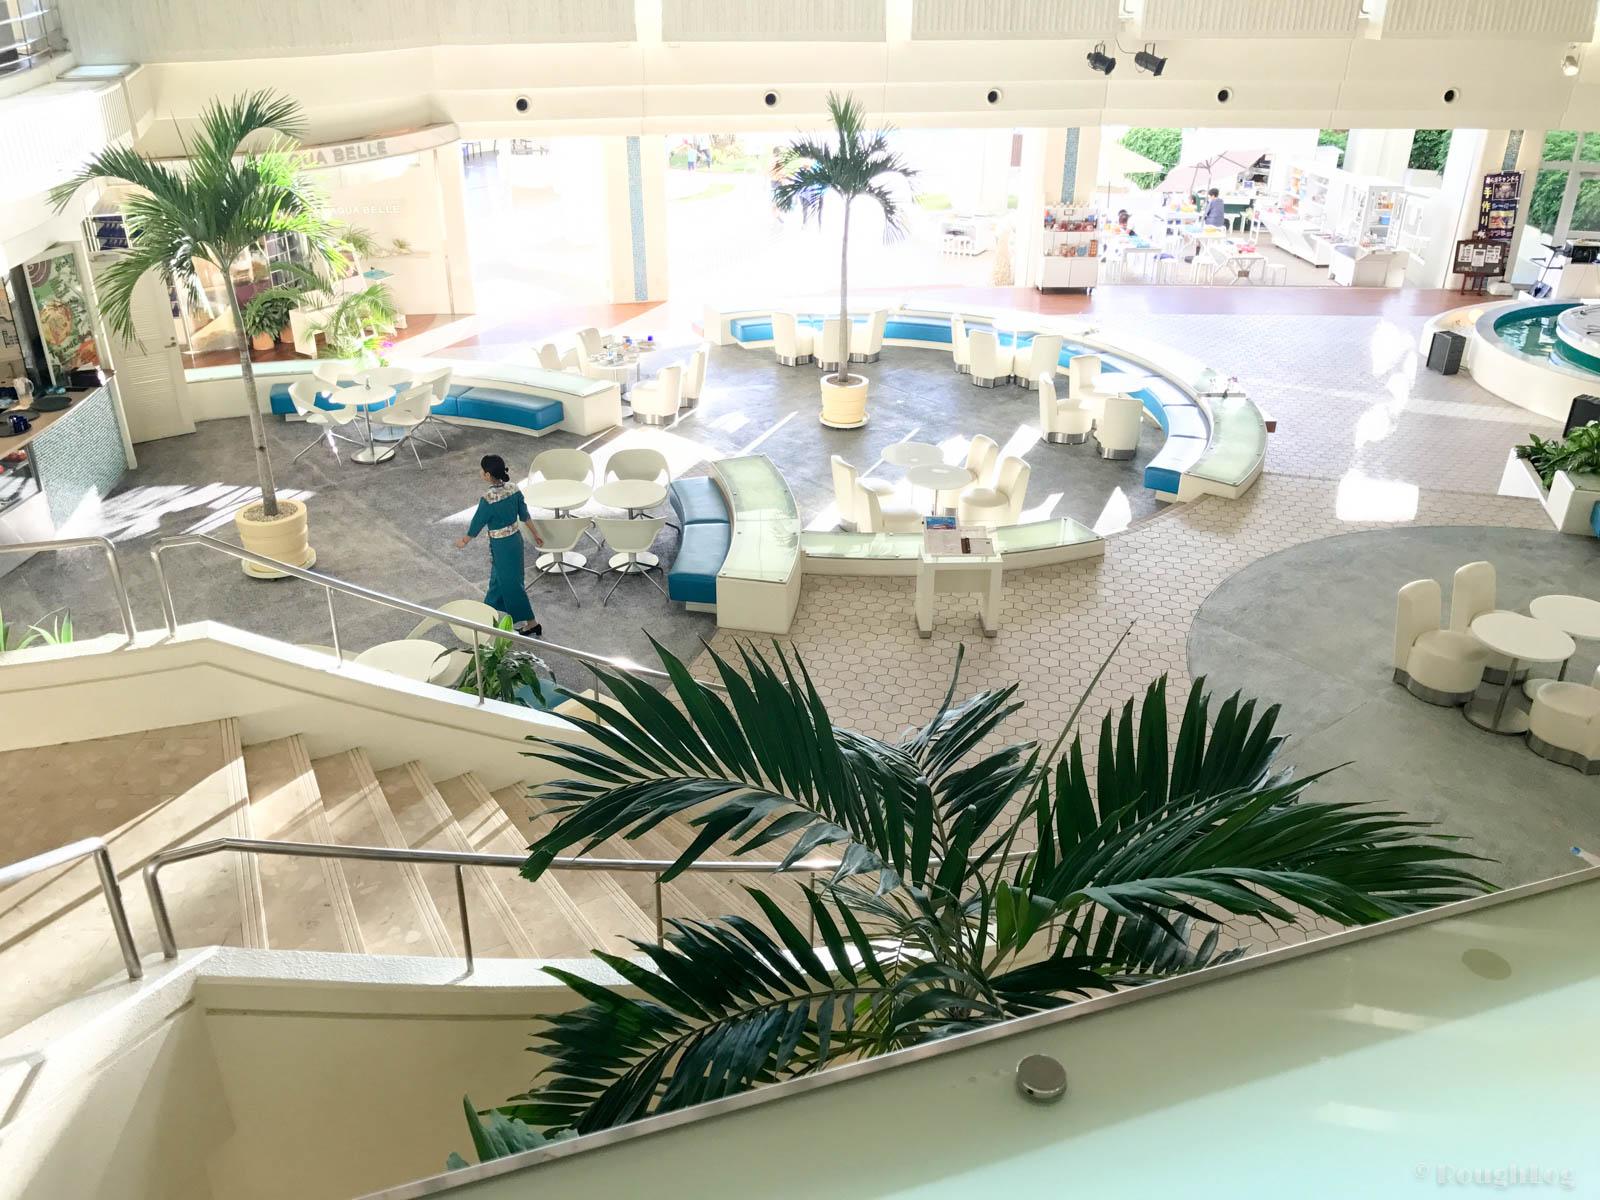 ANAインターコンチネンタル万座ビーチリゾートのホテルロビーからプールへ直結している